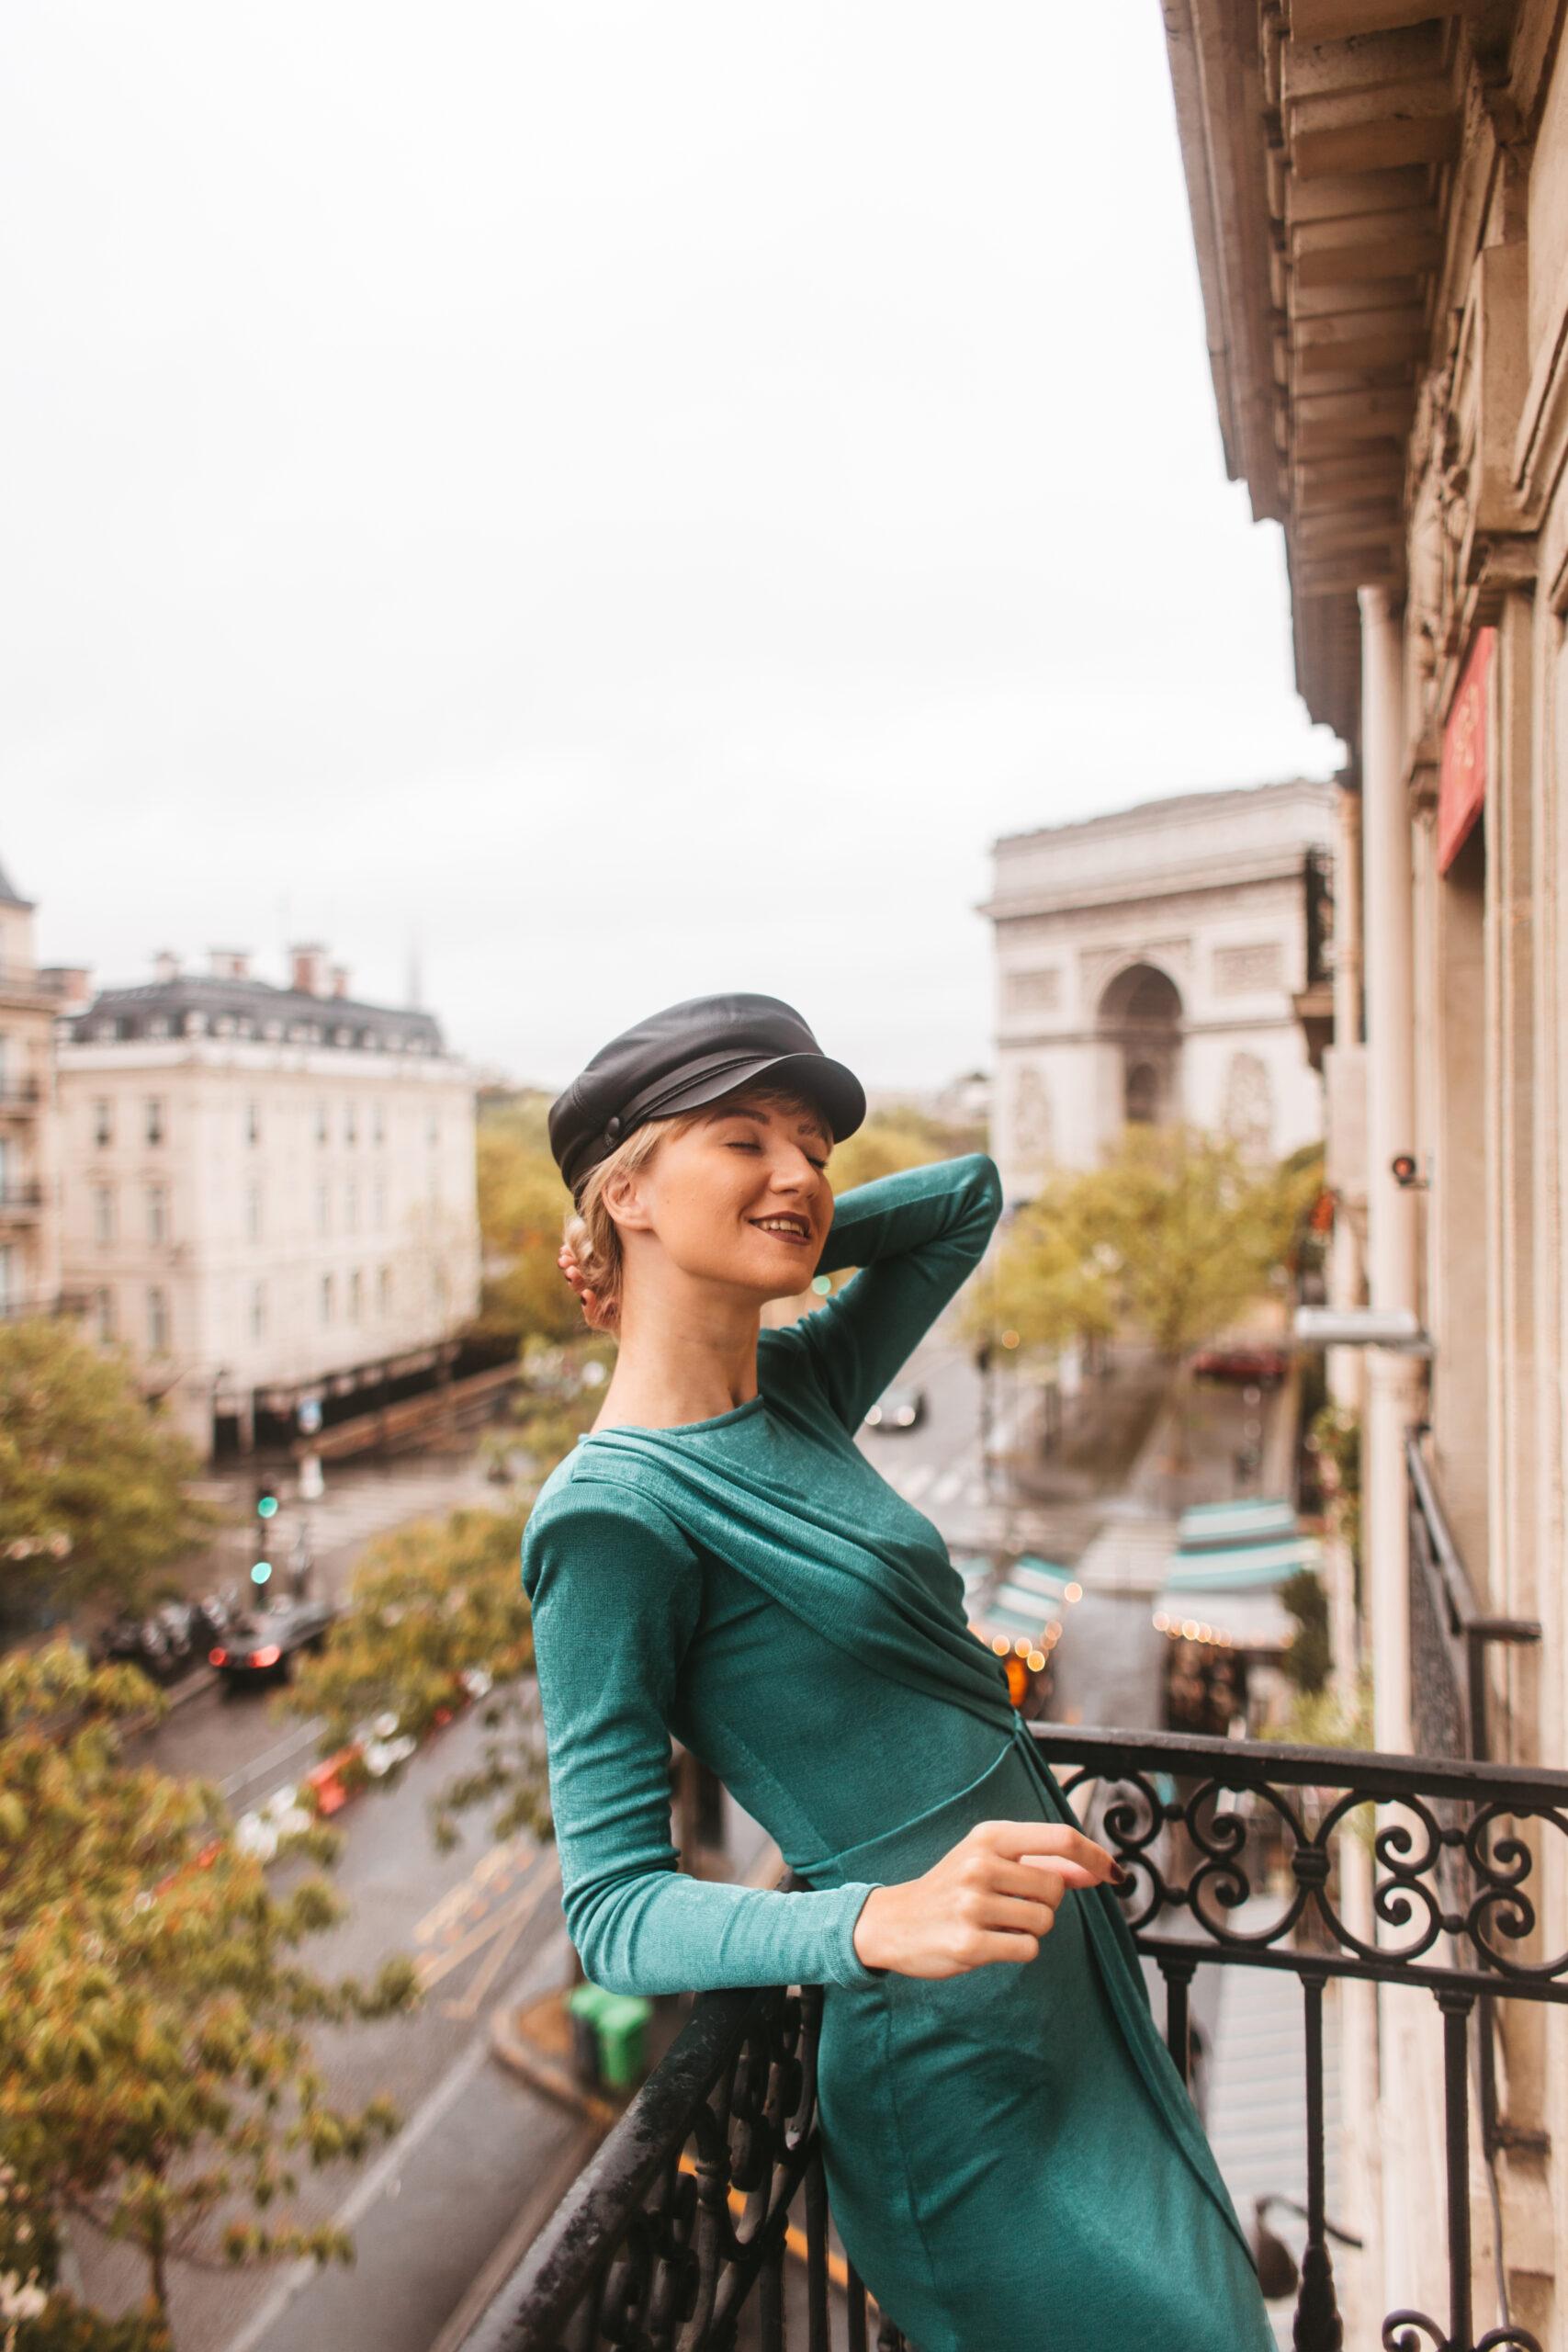 Łuk Triumfalny, Balkon, hotel w paryżu z widokiem na Łuk Triumfalny, Hotel Belfast, Paris balcony, apartament w Paryżu, elegant, woman, widok z hotelu w paryżu, 17 arrondissement paris